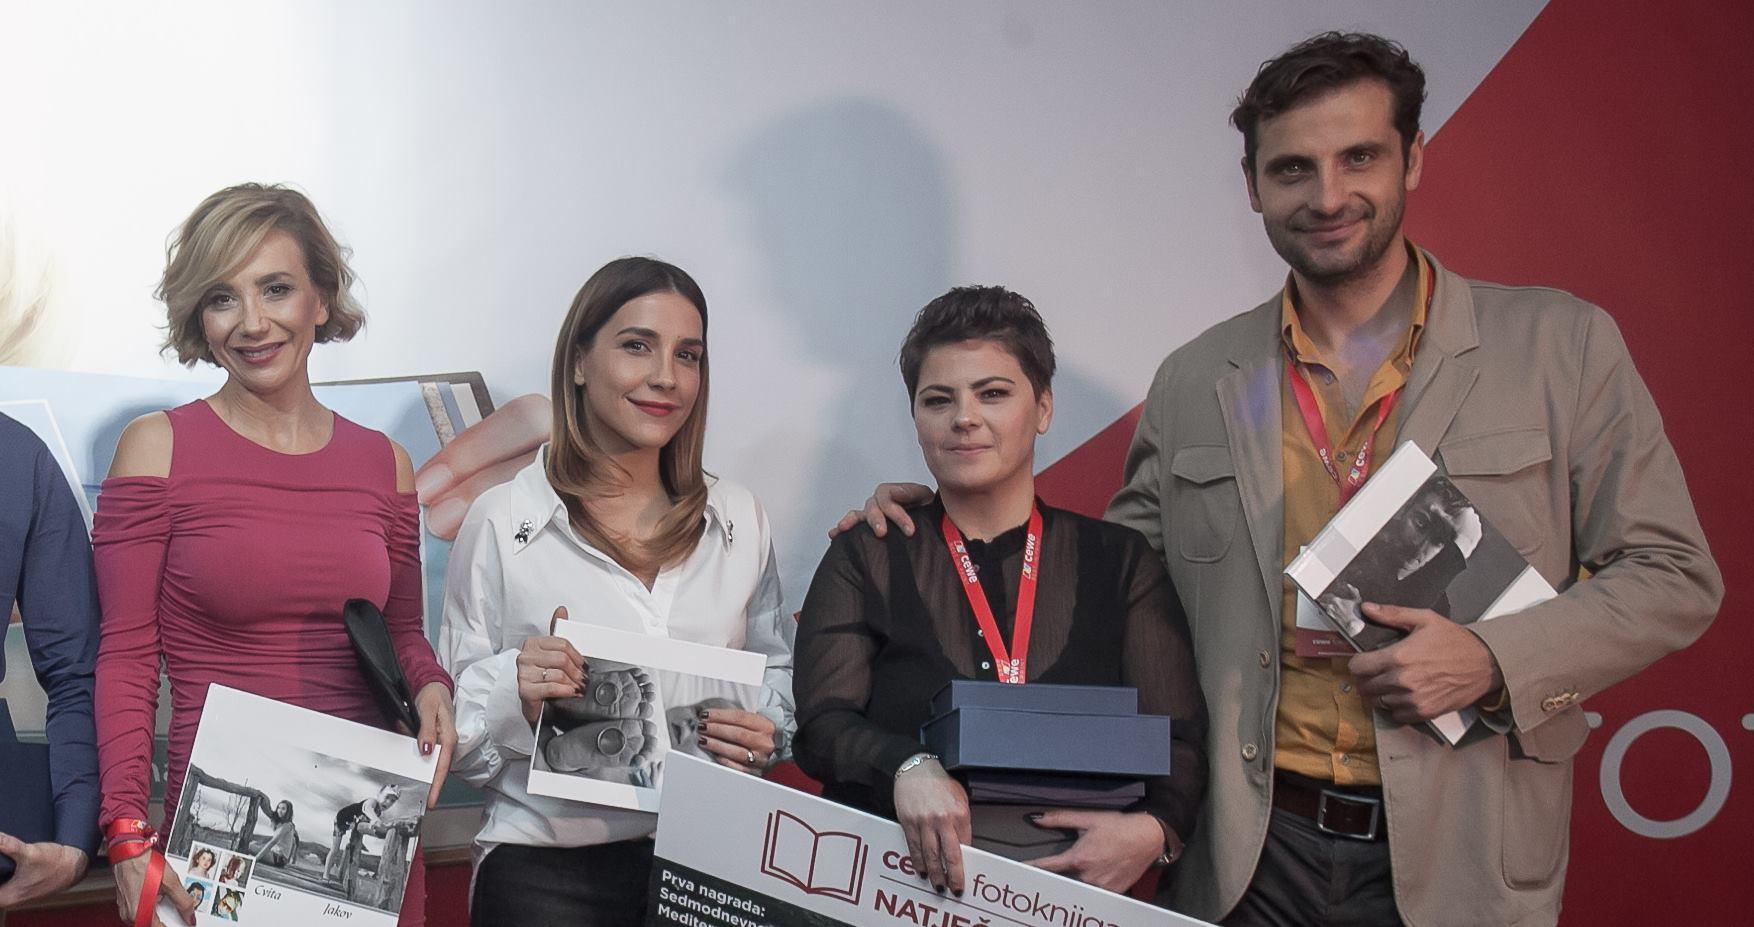 Marijana Batinić, Ecija Ojdanić i Robert Kurbaša novi zadovoljni korisnici CEWE fotoknjige